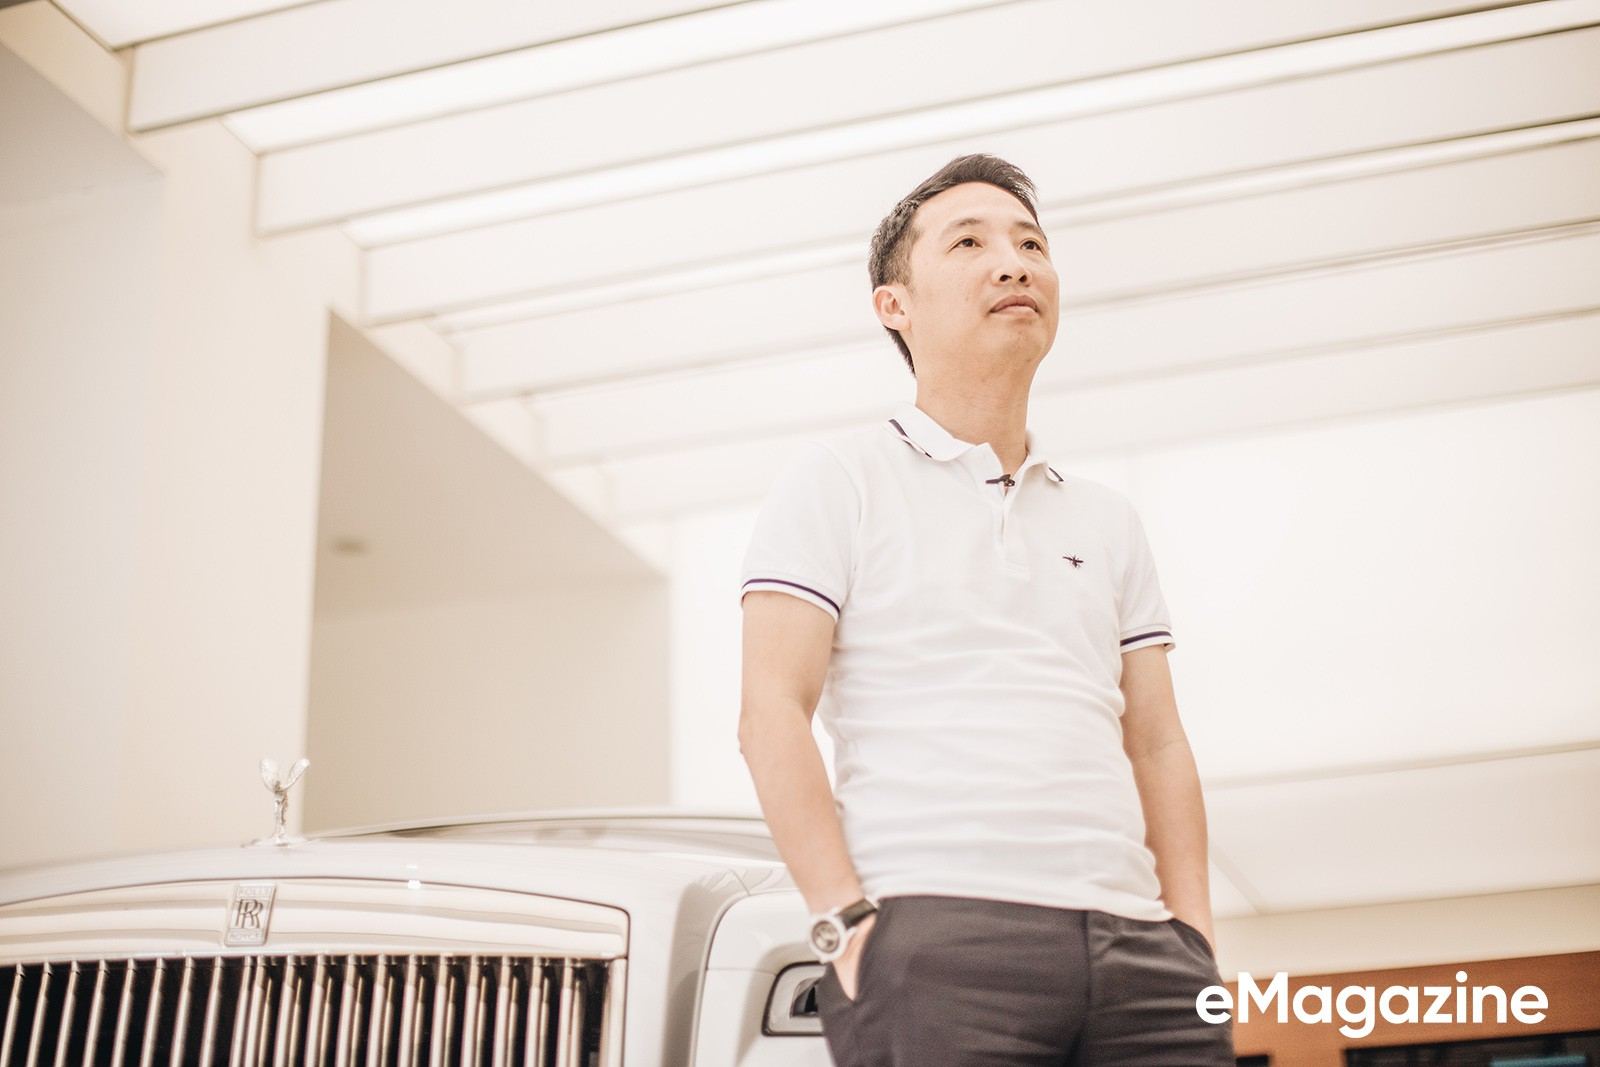 Đoàn Hiếu Minh - Người kể chuyện Rolls-Royce trên Facebook - Ảnh 4.